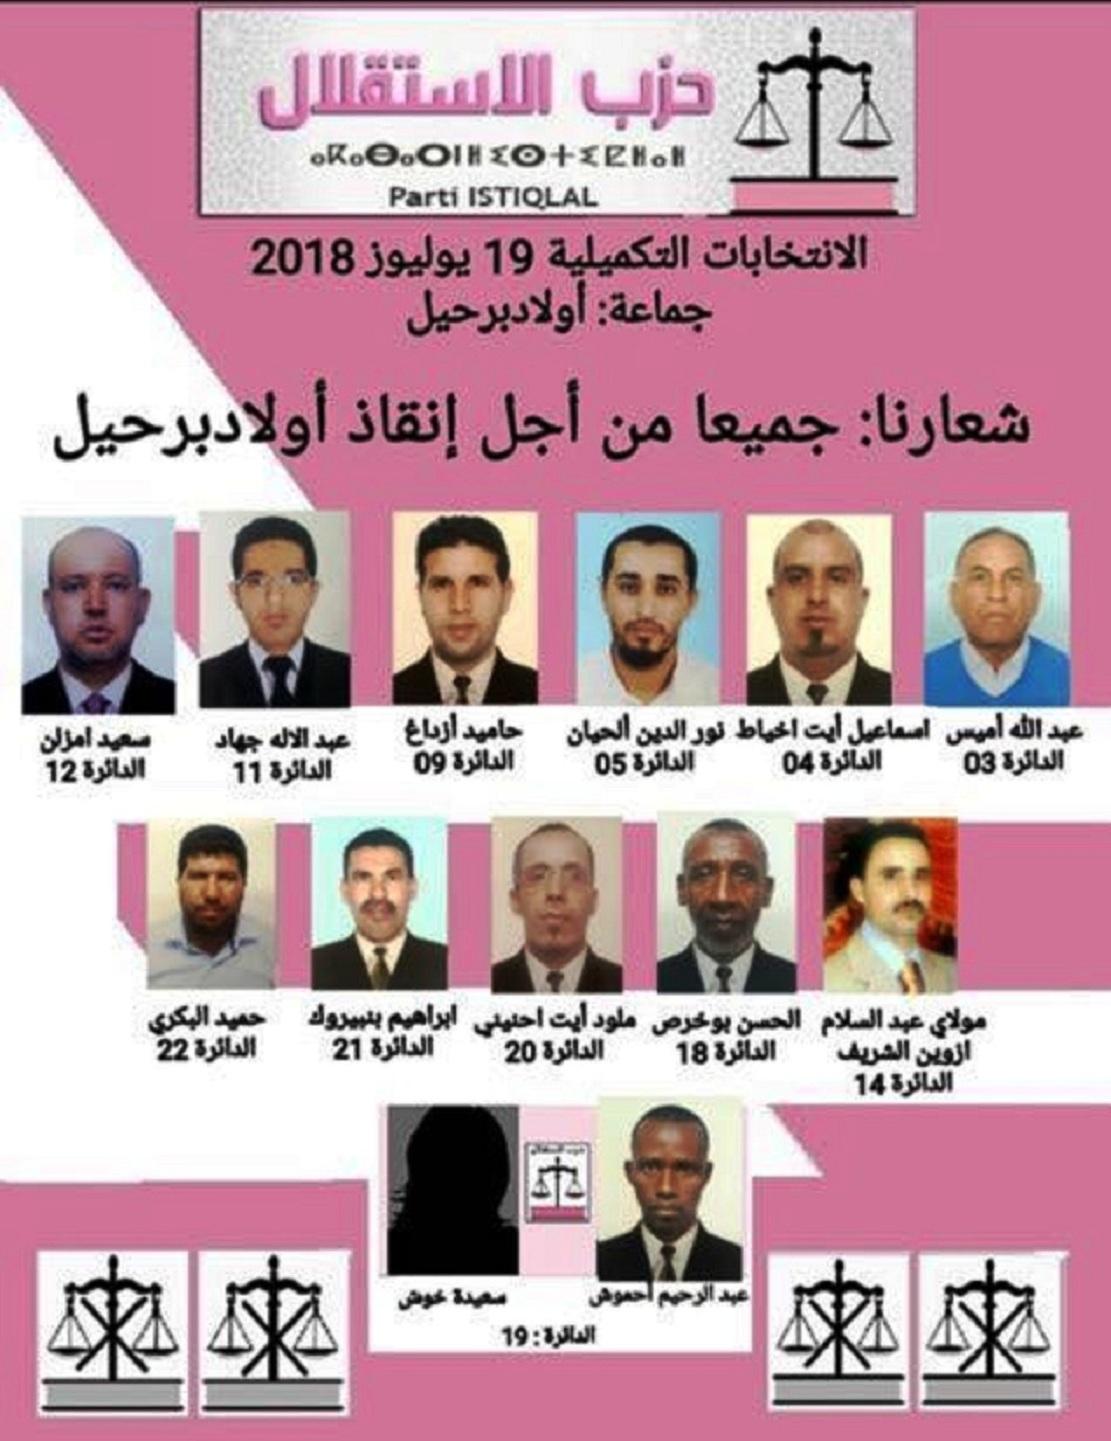 مرشحو حزب الاستقلال يكتسحون الانتخابات الجزئية بجماعة أولاد برحيل بإقليم تارودانت